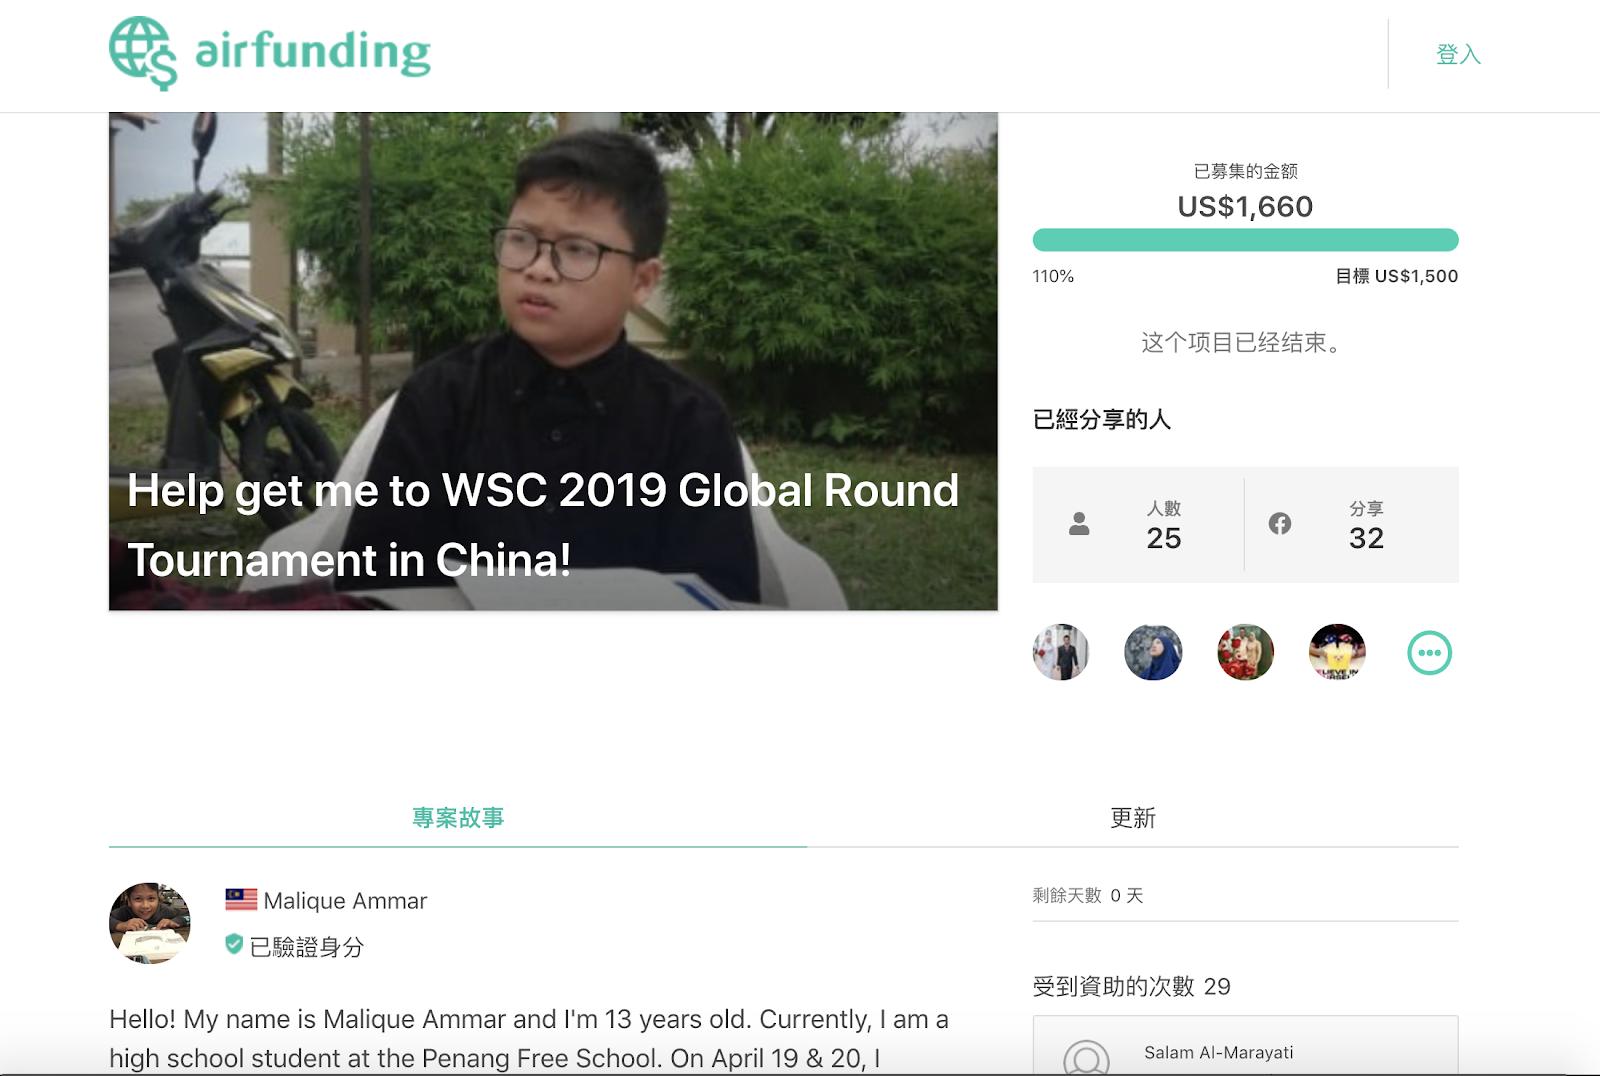 籌款資金因素而無法參加比賽的馬來西亞小弟